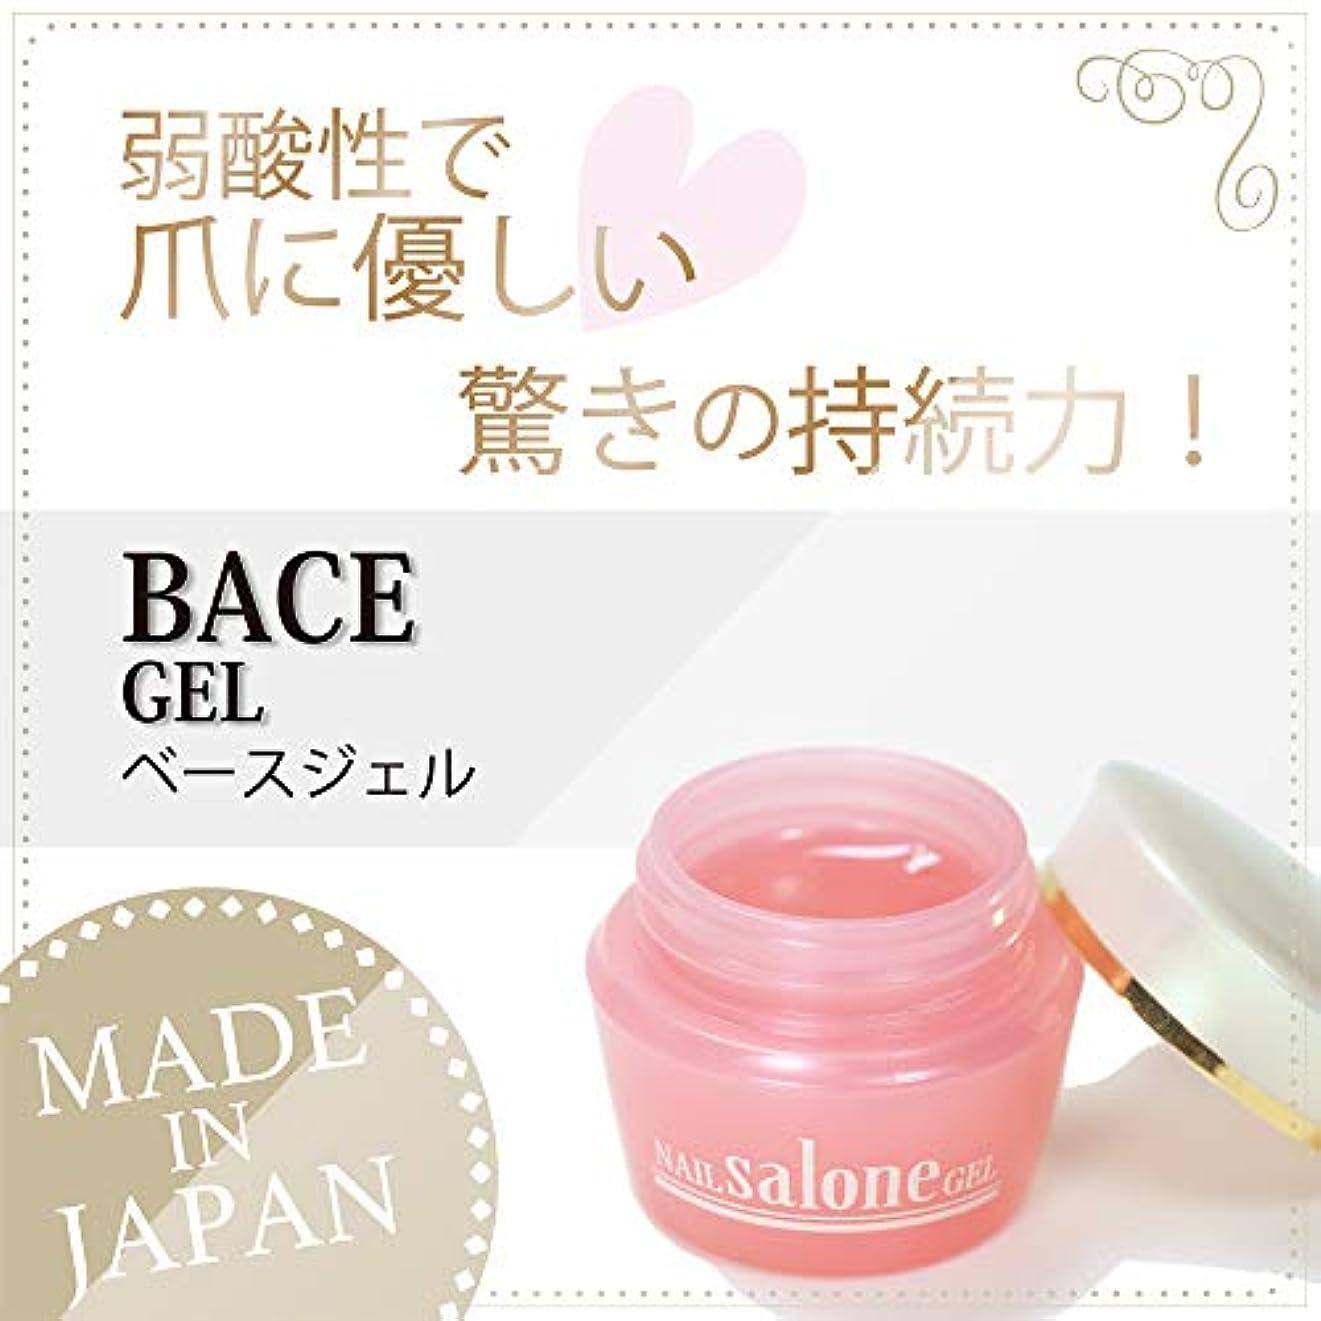 悲劇的な燃やす変成器Salone gel サローネ ベースジェル 爪に優しい 日本製 驚きの密着力 リムーバーでオフも簡単3g